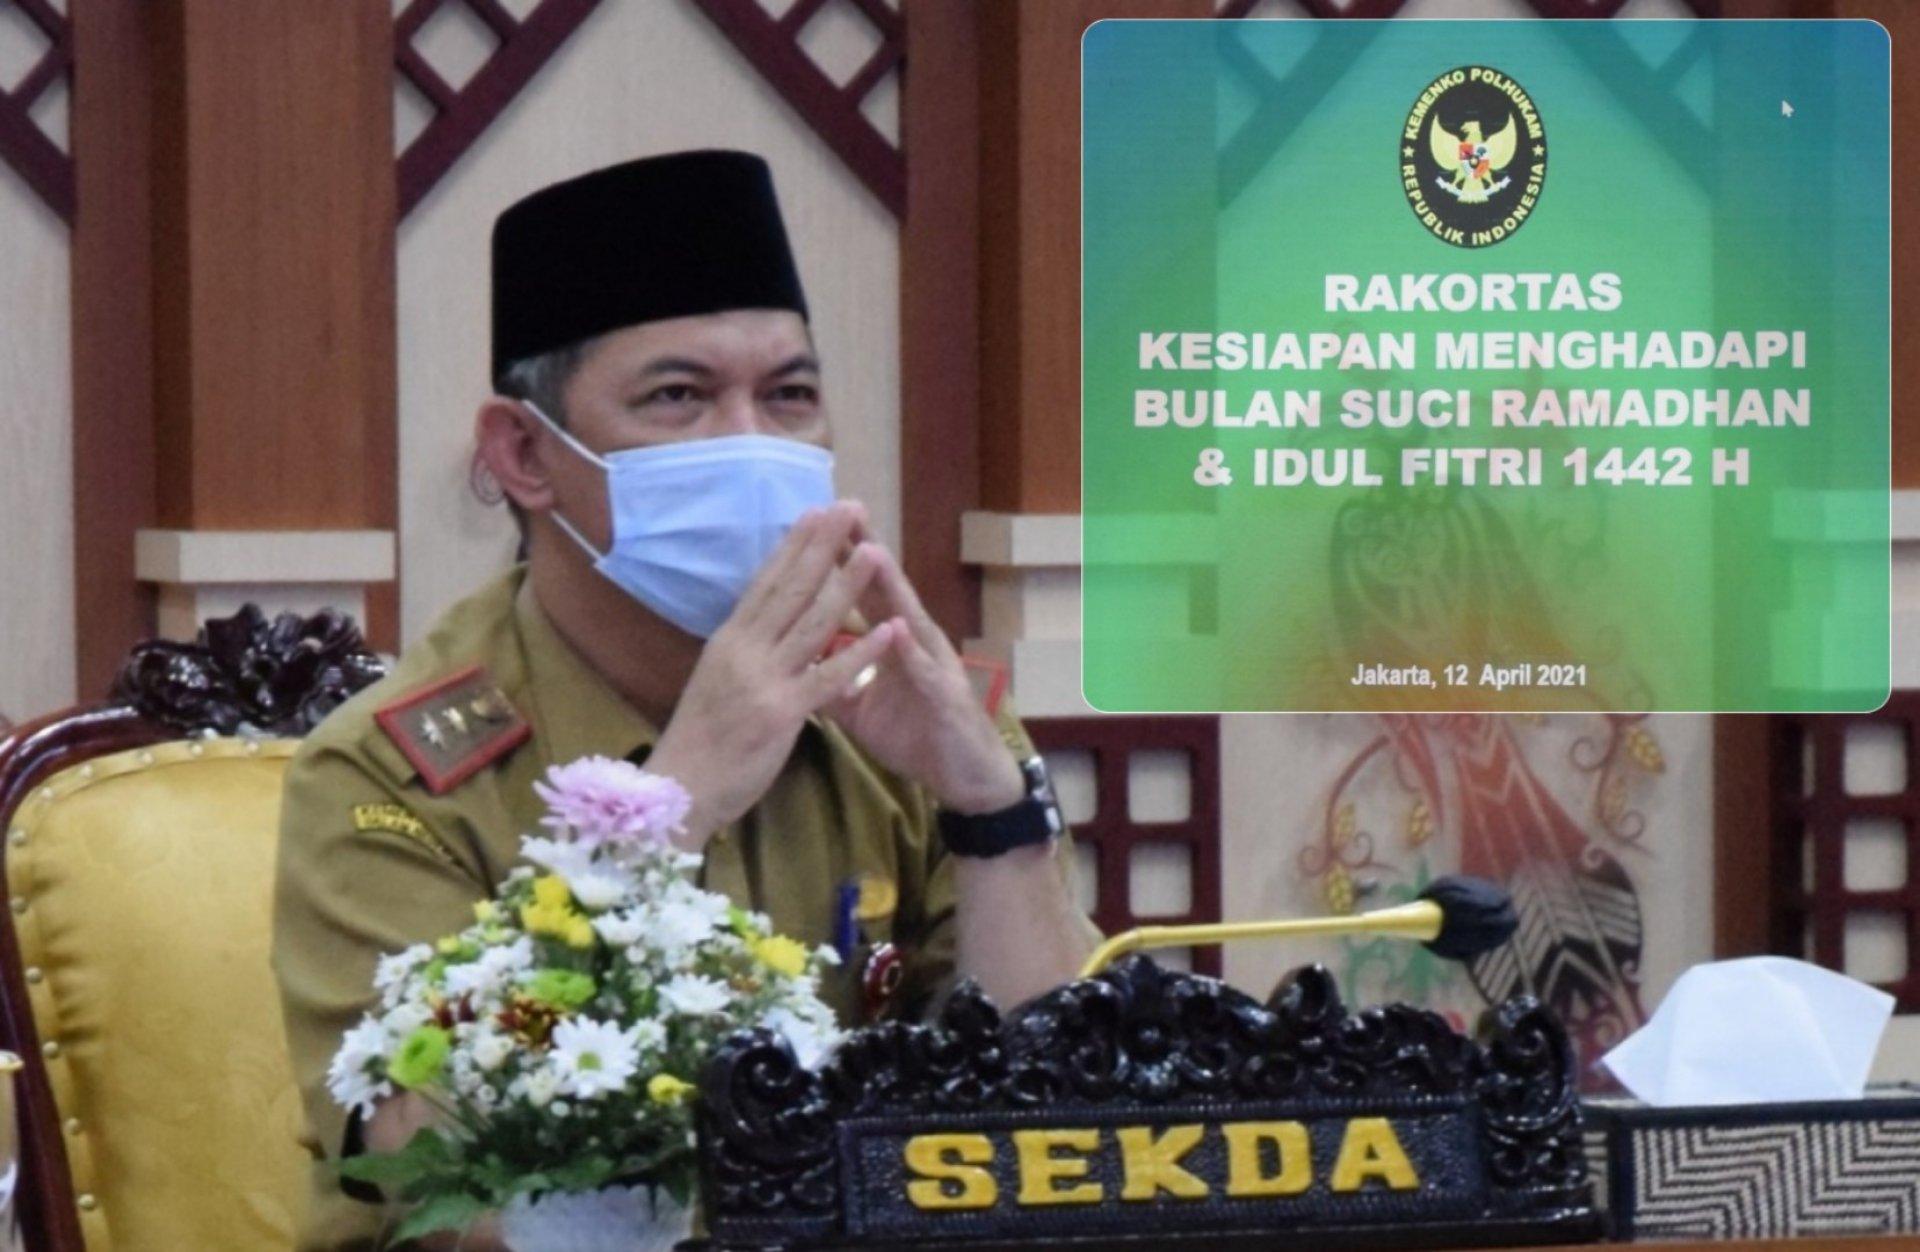 Sekda Kalteng Ikuti Rakortas Tingkat Menteri Antisipasi Lonjakan Kasus Covid-19 pada Bulan Ramadan dan Mudik Lebaran